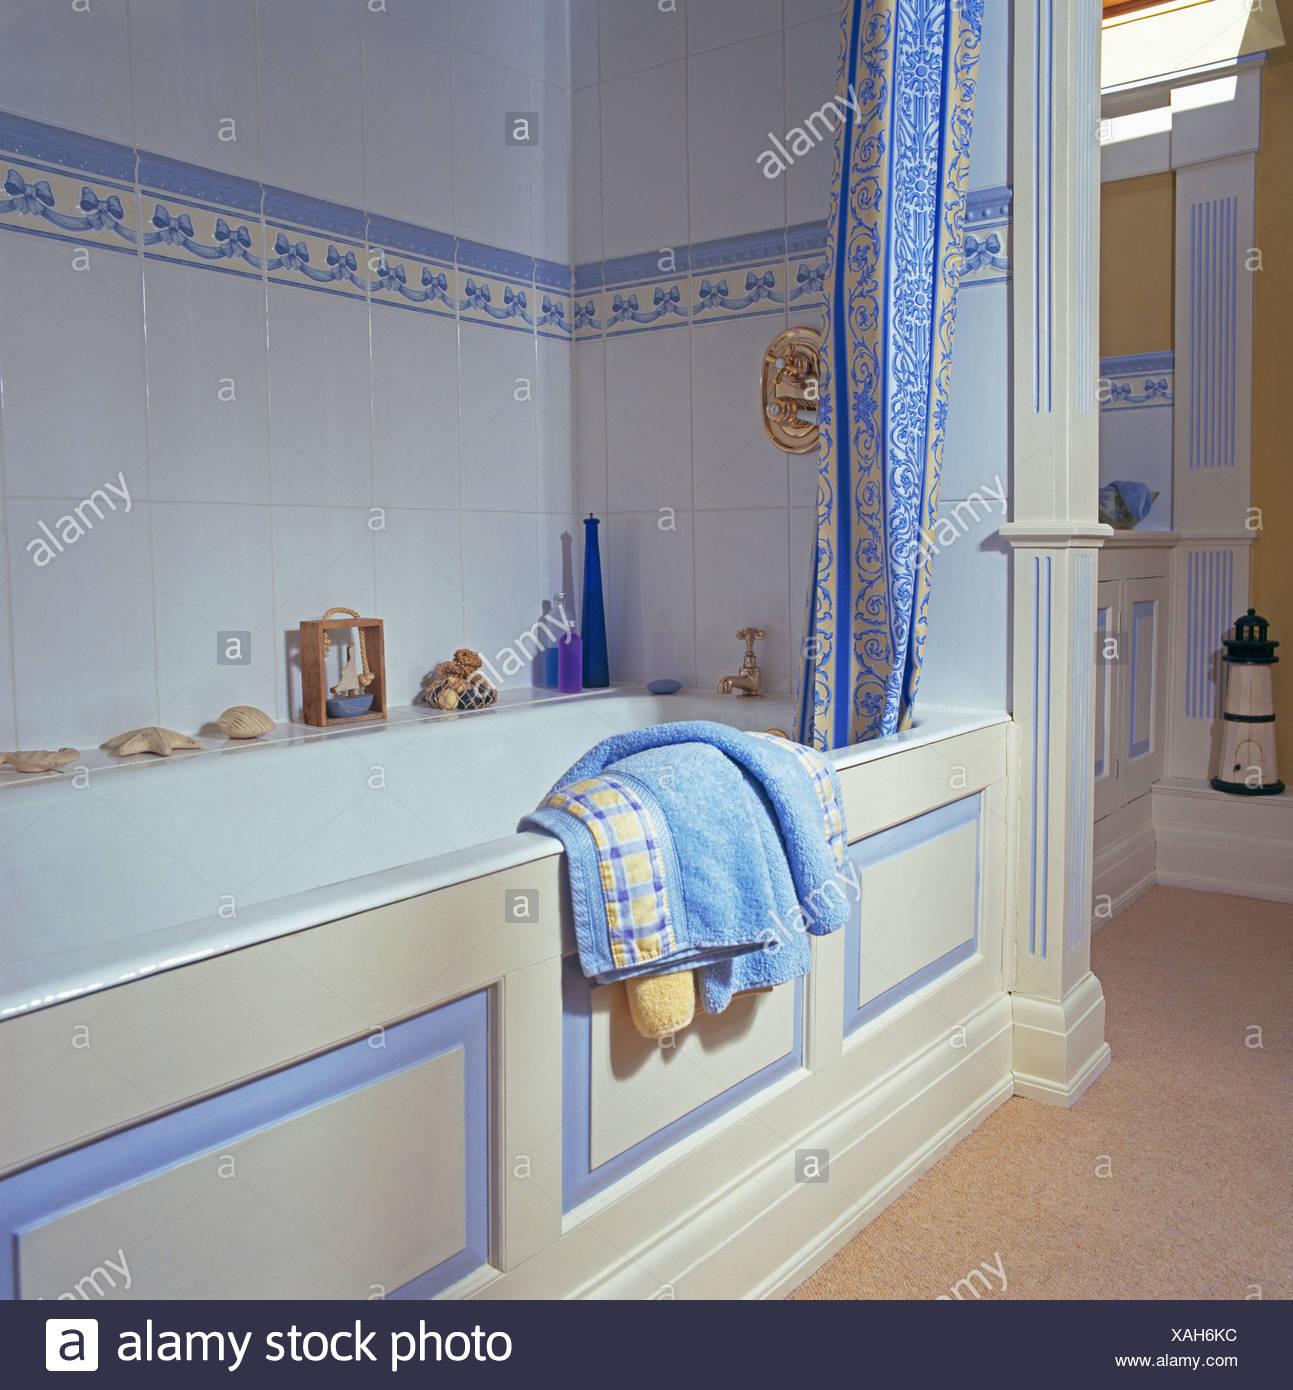 Blau + weiß Duschvorhang auf Bad im Badezimmer mit blauen Fliesen ...